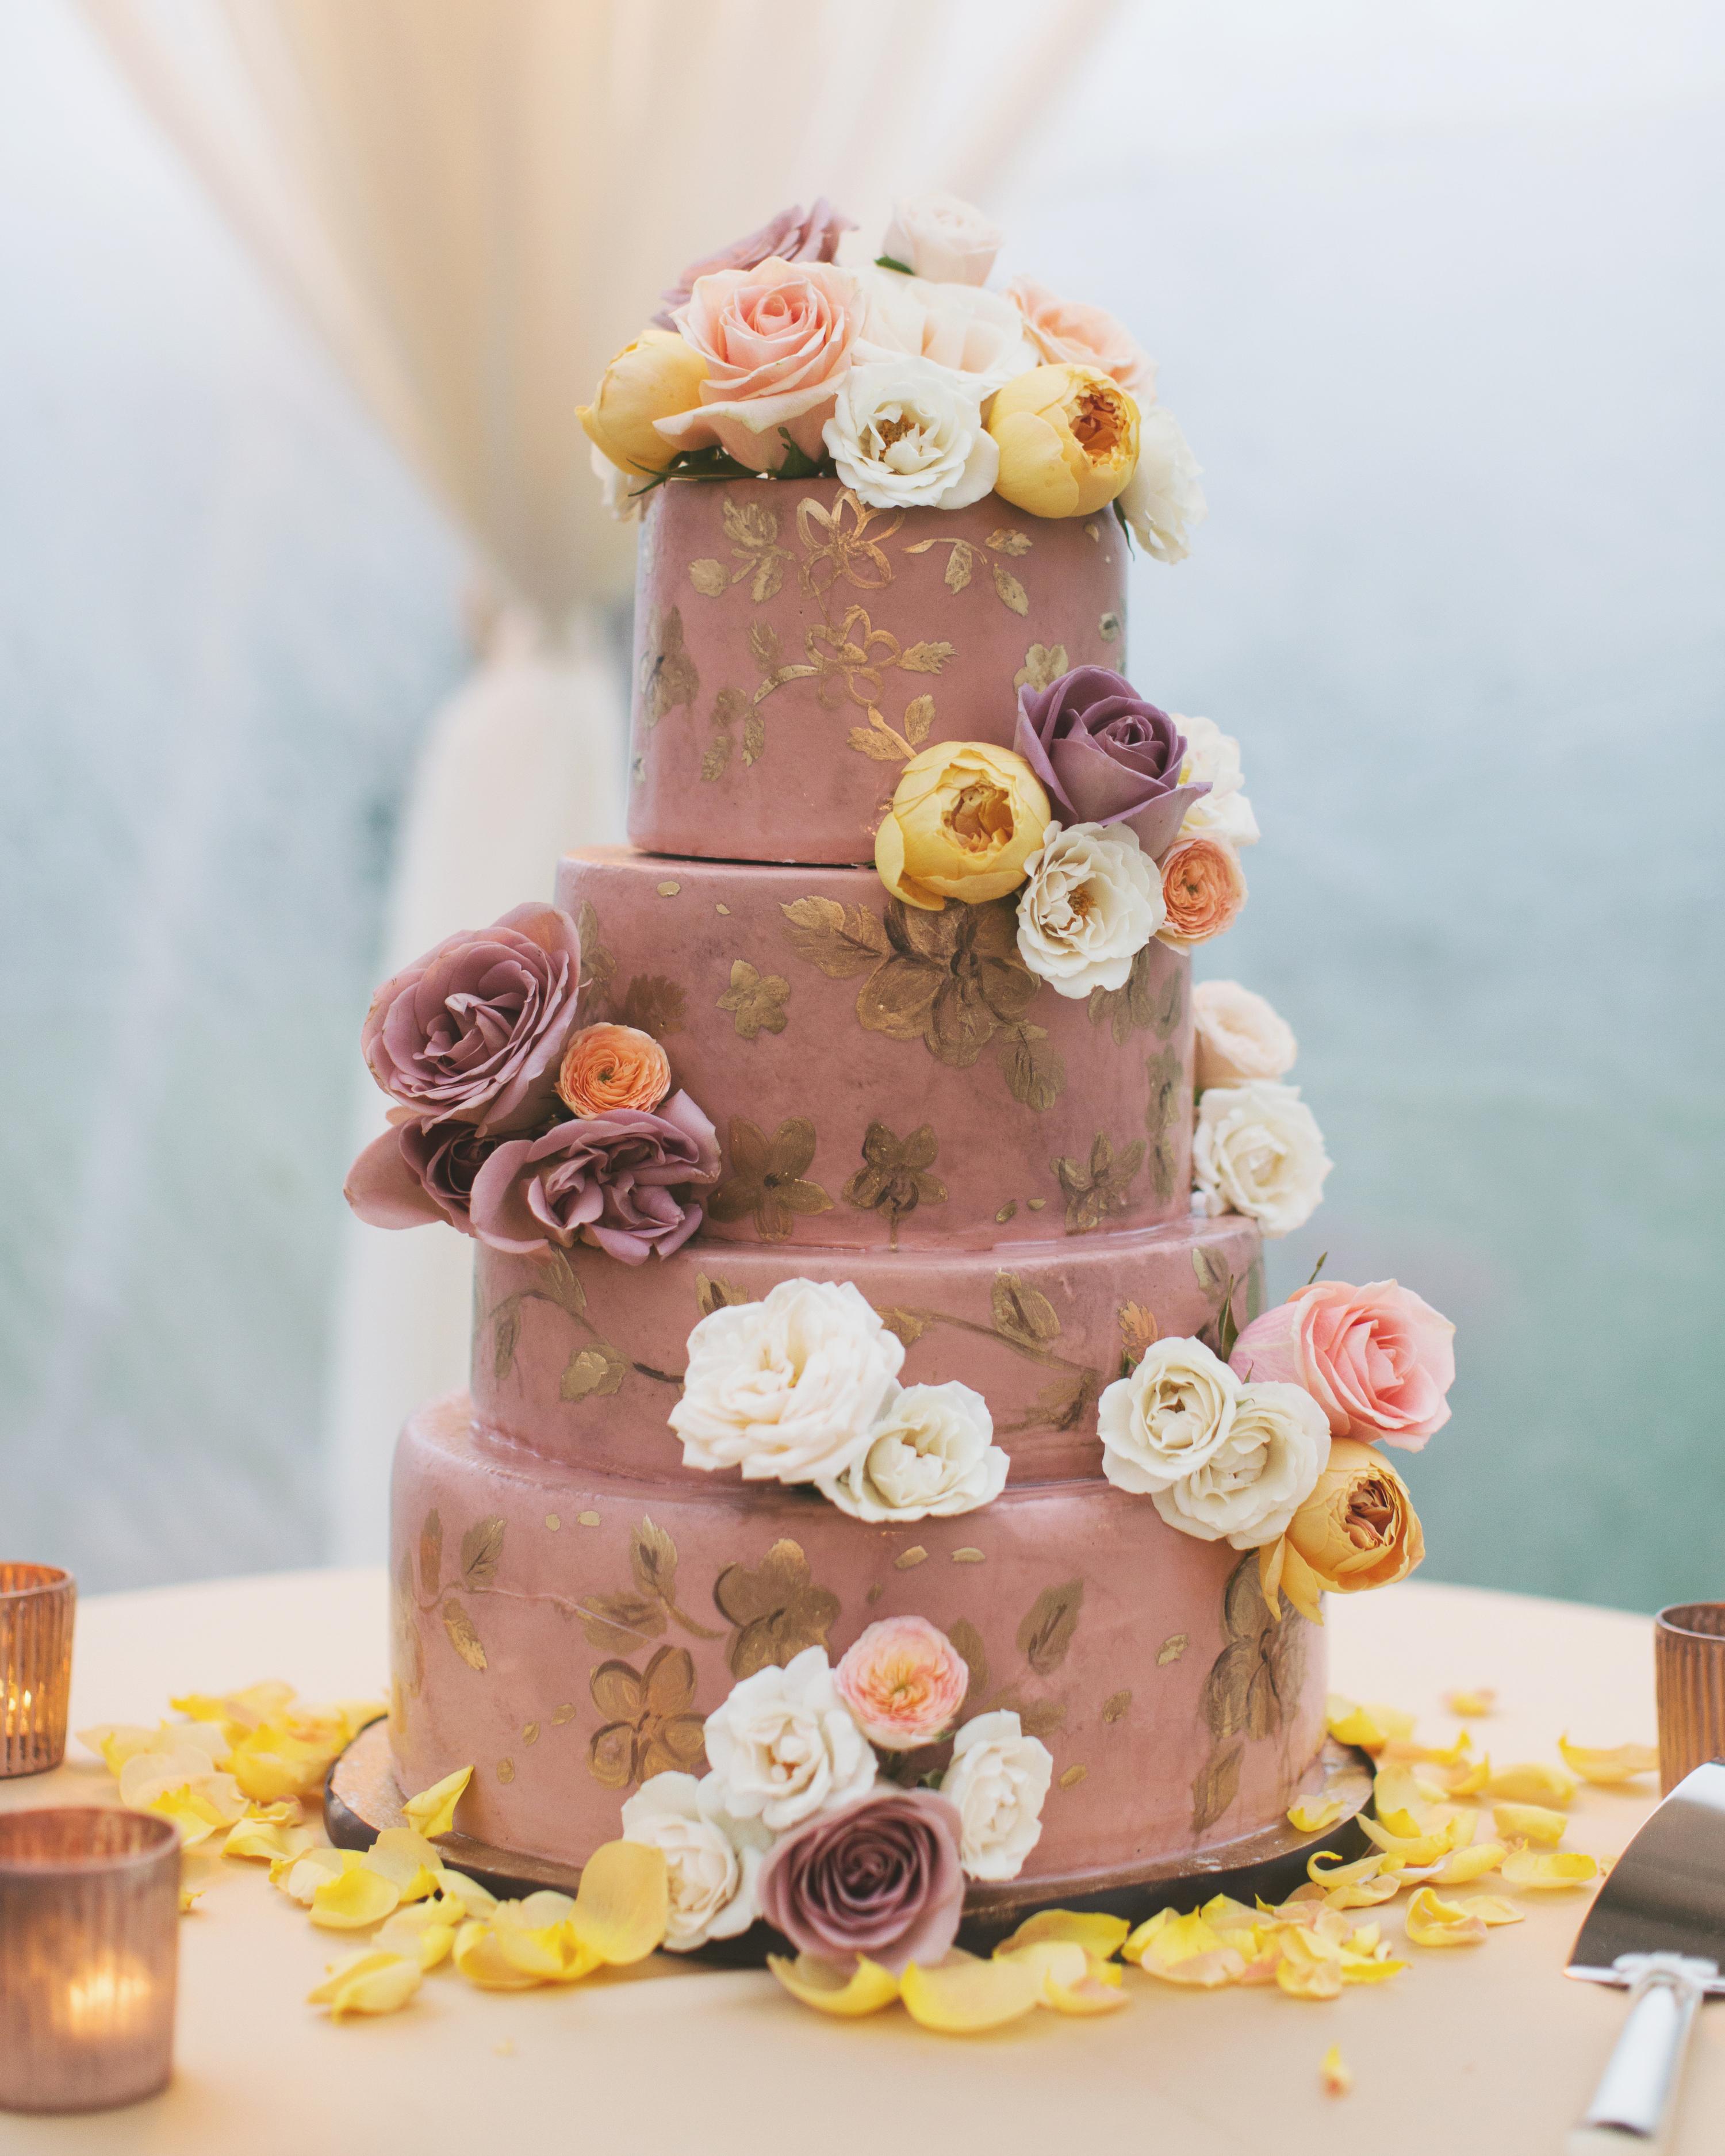 sara-matt-wedding-cake-2939-s111990-0715.jpg